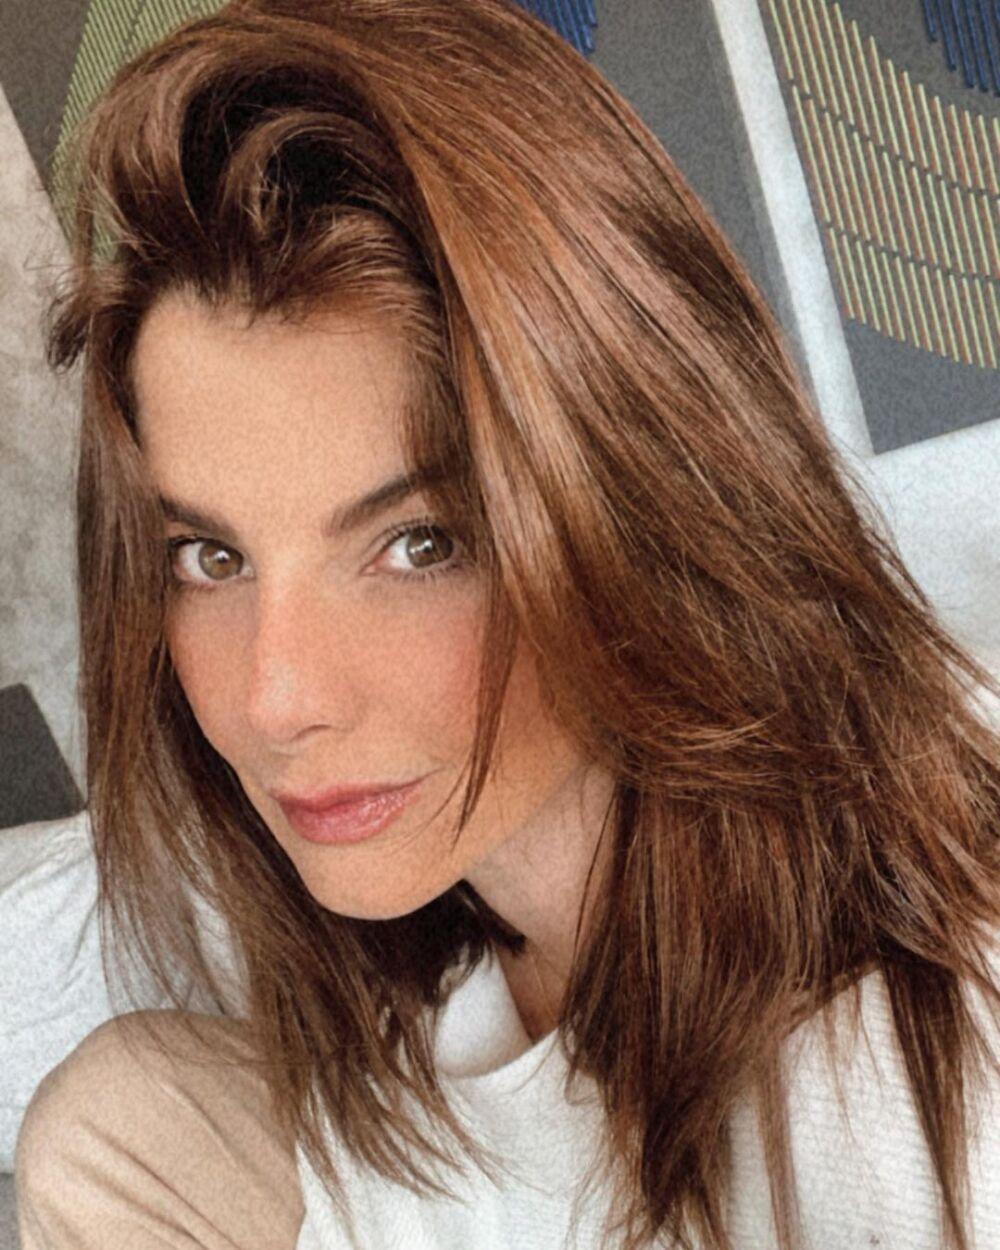 Carolina Cruz despejó dudas sobre su relación con Lincoln Palomeque.